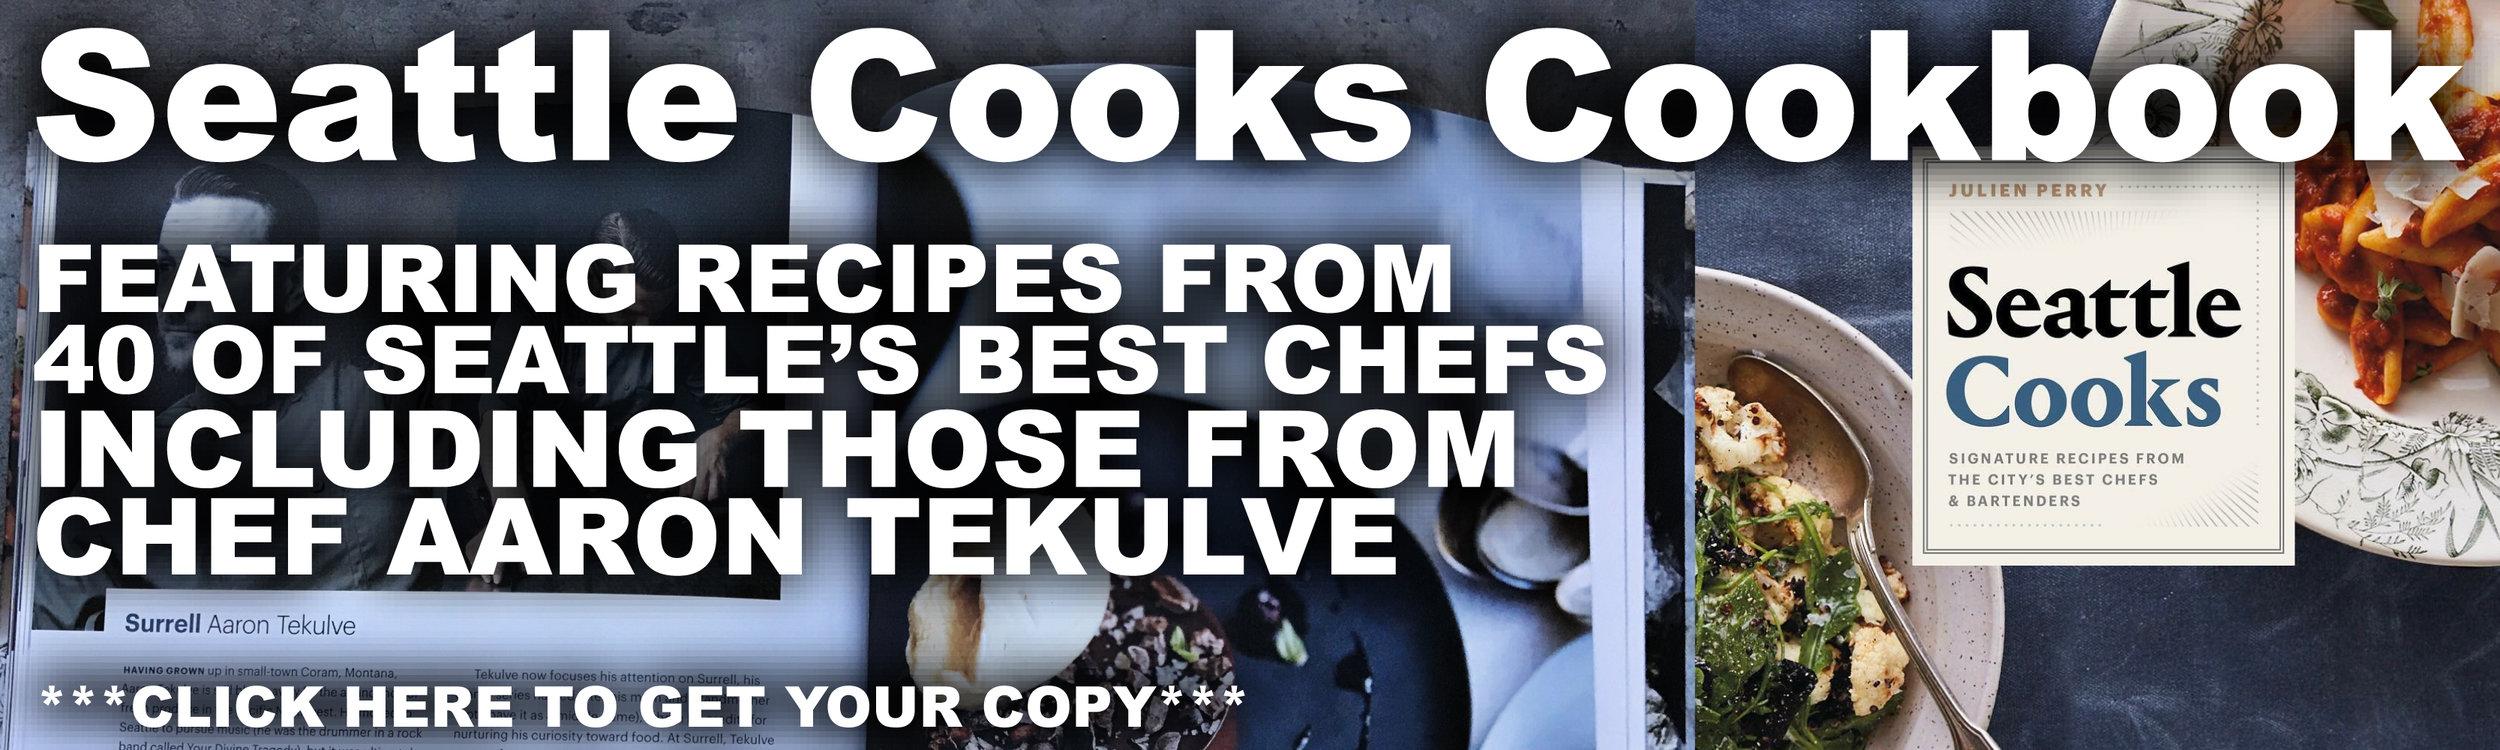 Seattle Cooks Cookbook_1.jpg